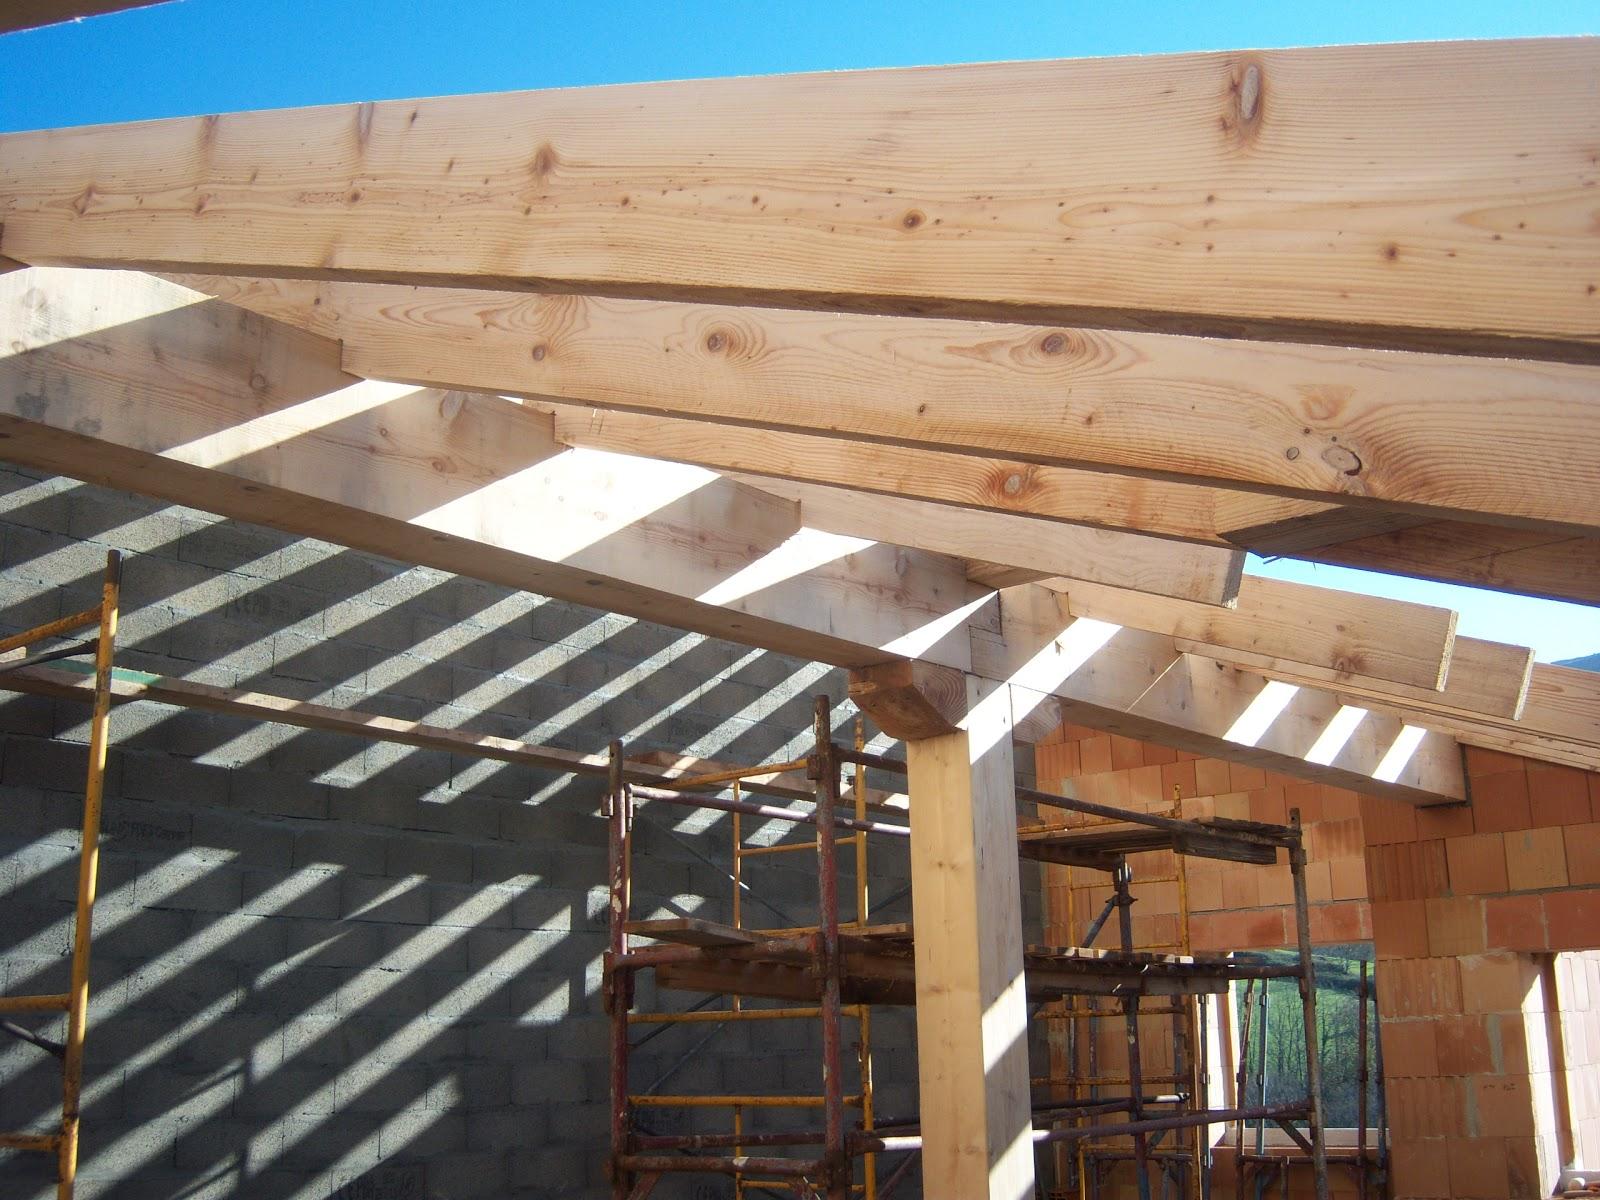 Andocarpinteando tejado con aislante de fibras de madera for Imagenes de tejados de madera